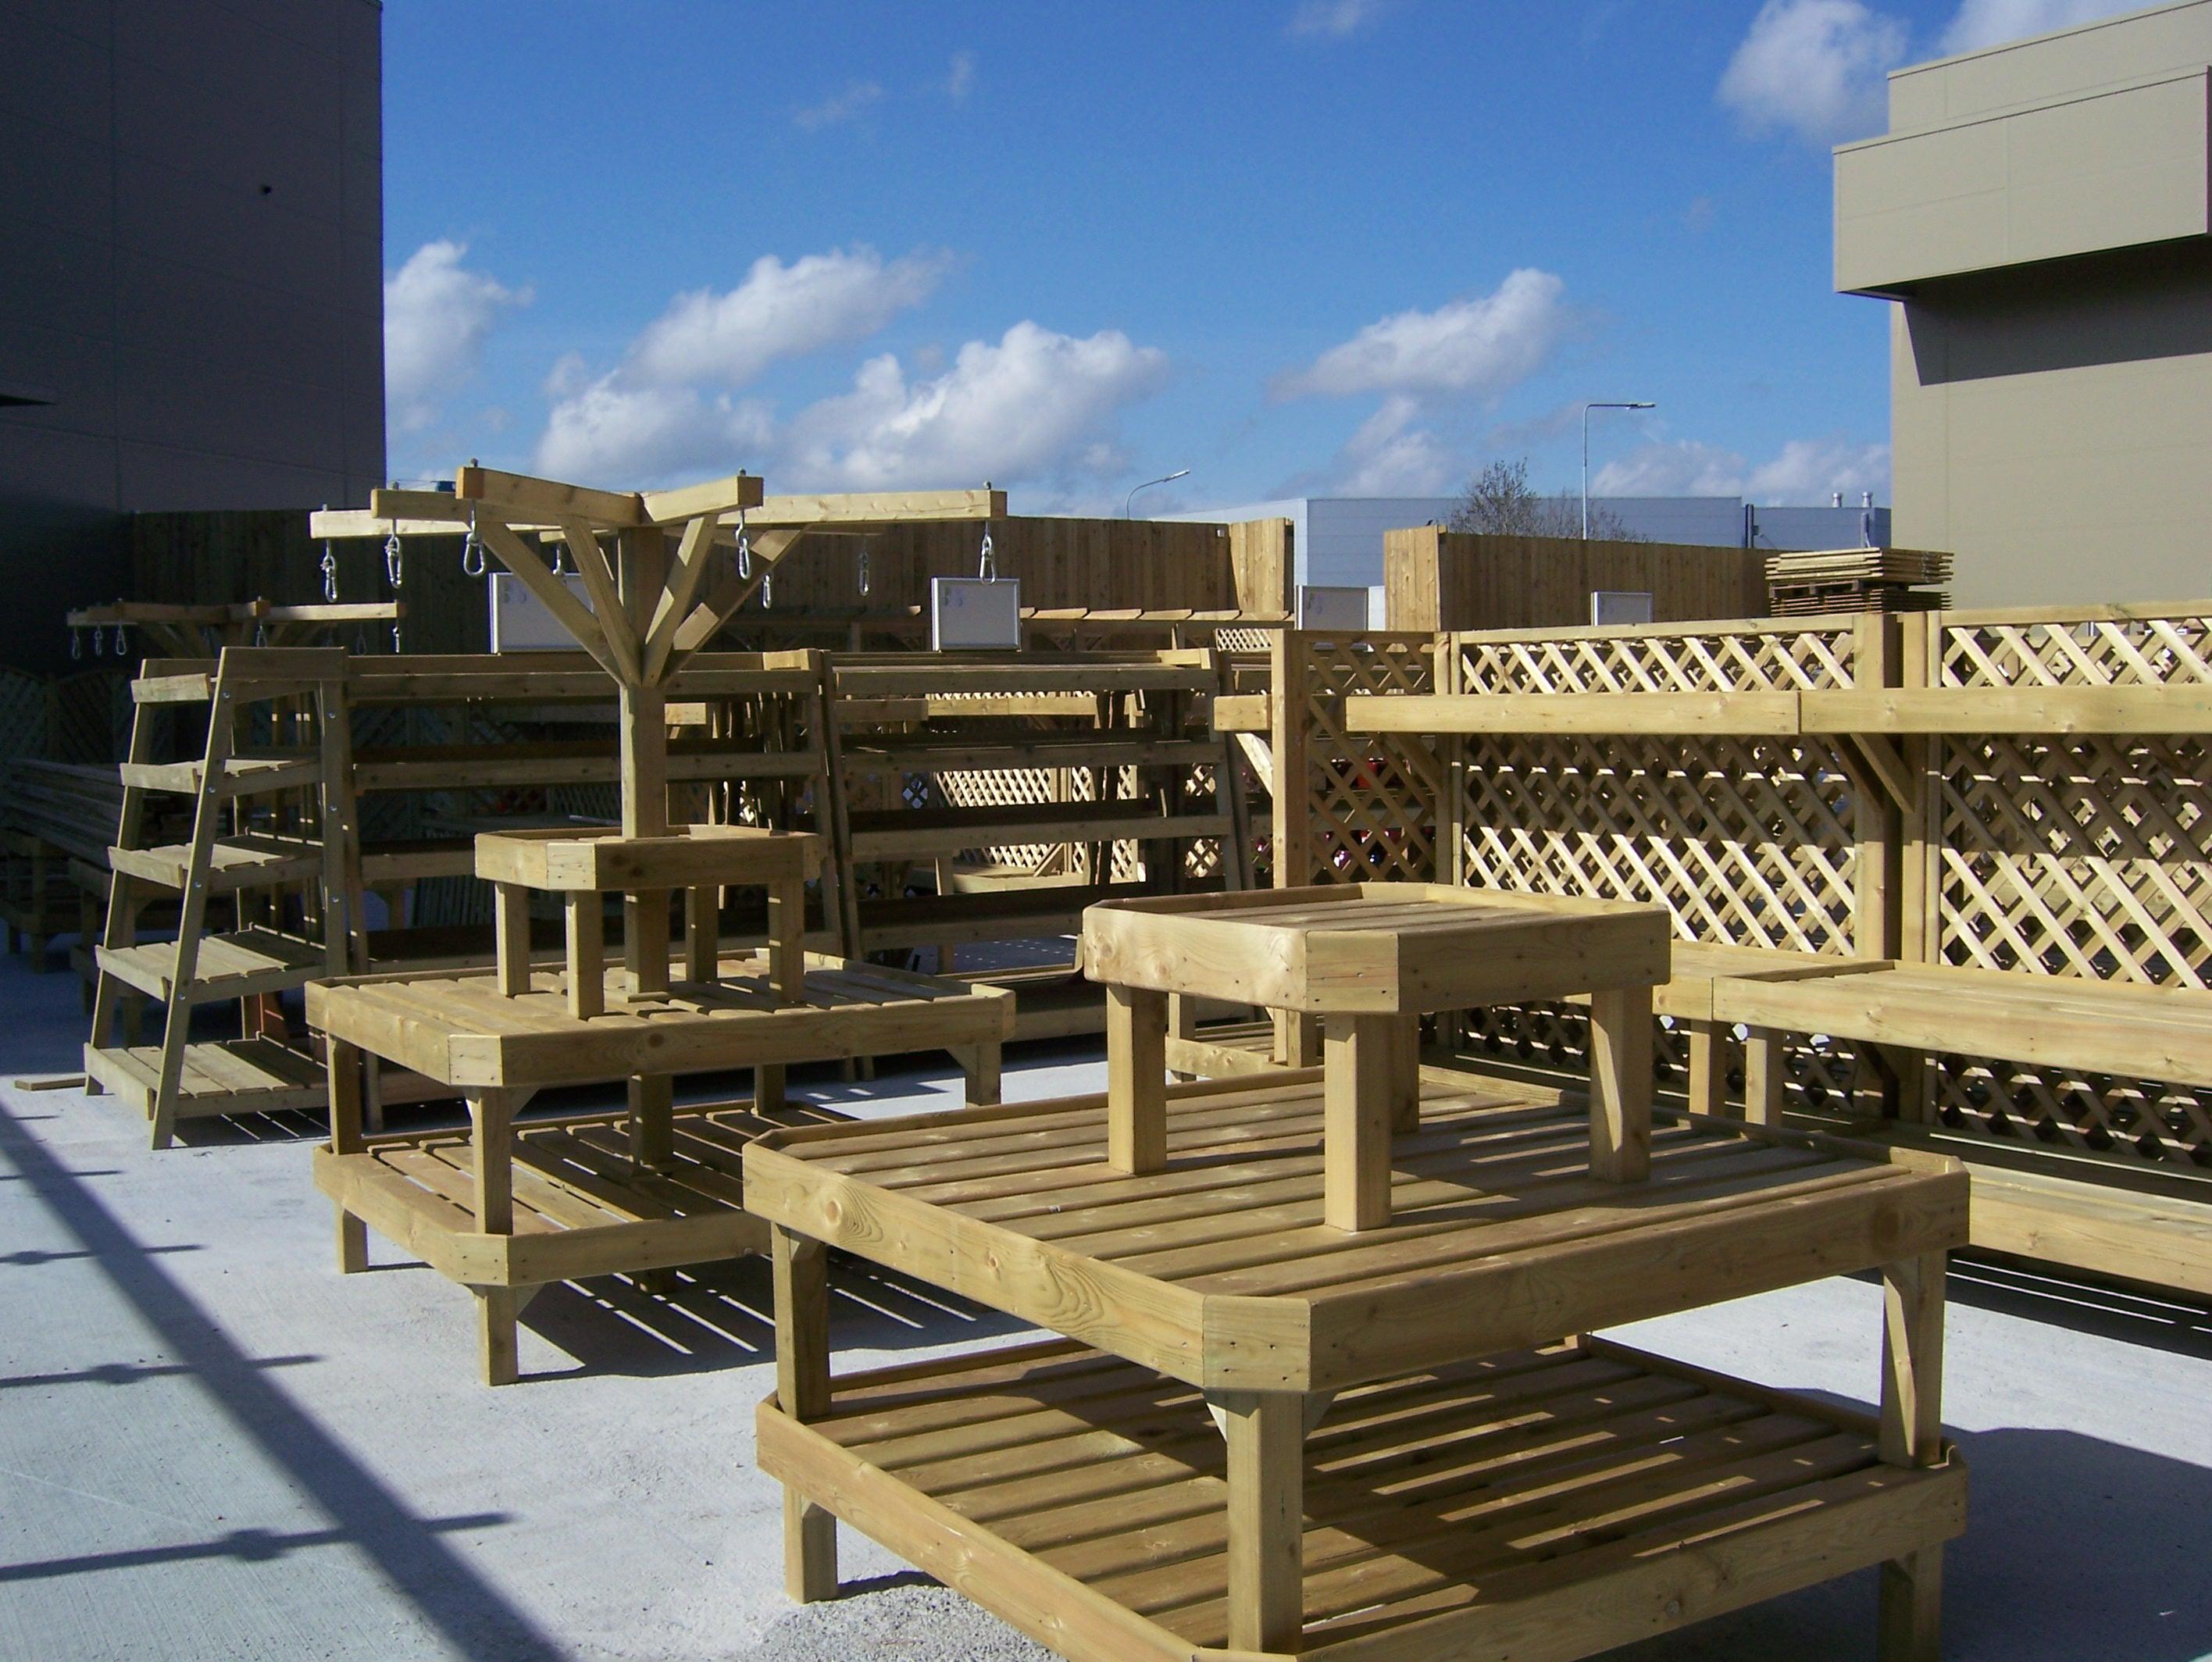 Hardware Garden Centres Mortimer Shop Fitting Amp Shop